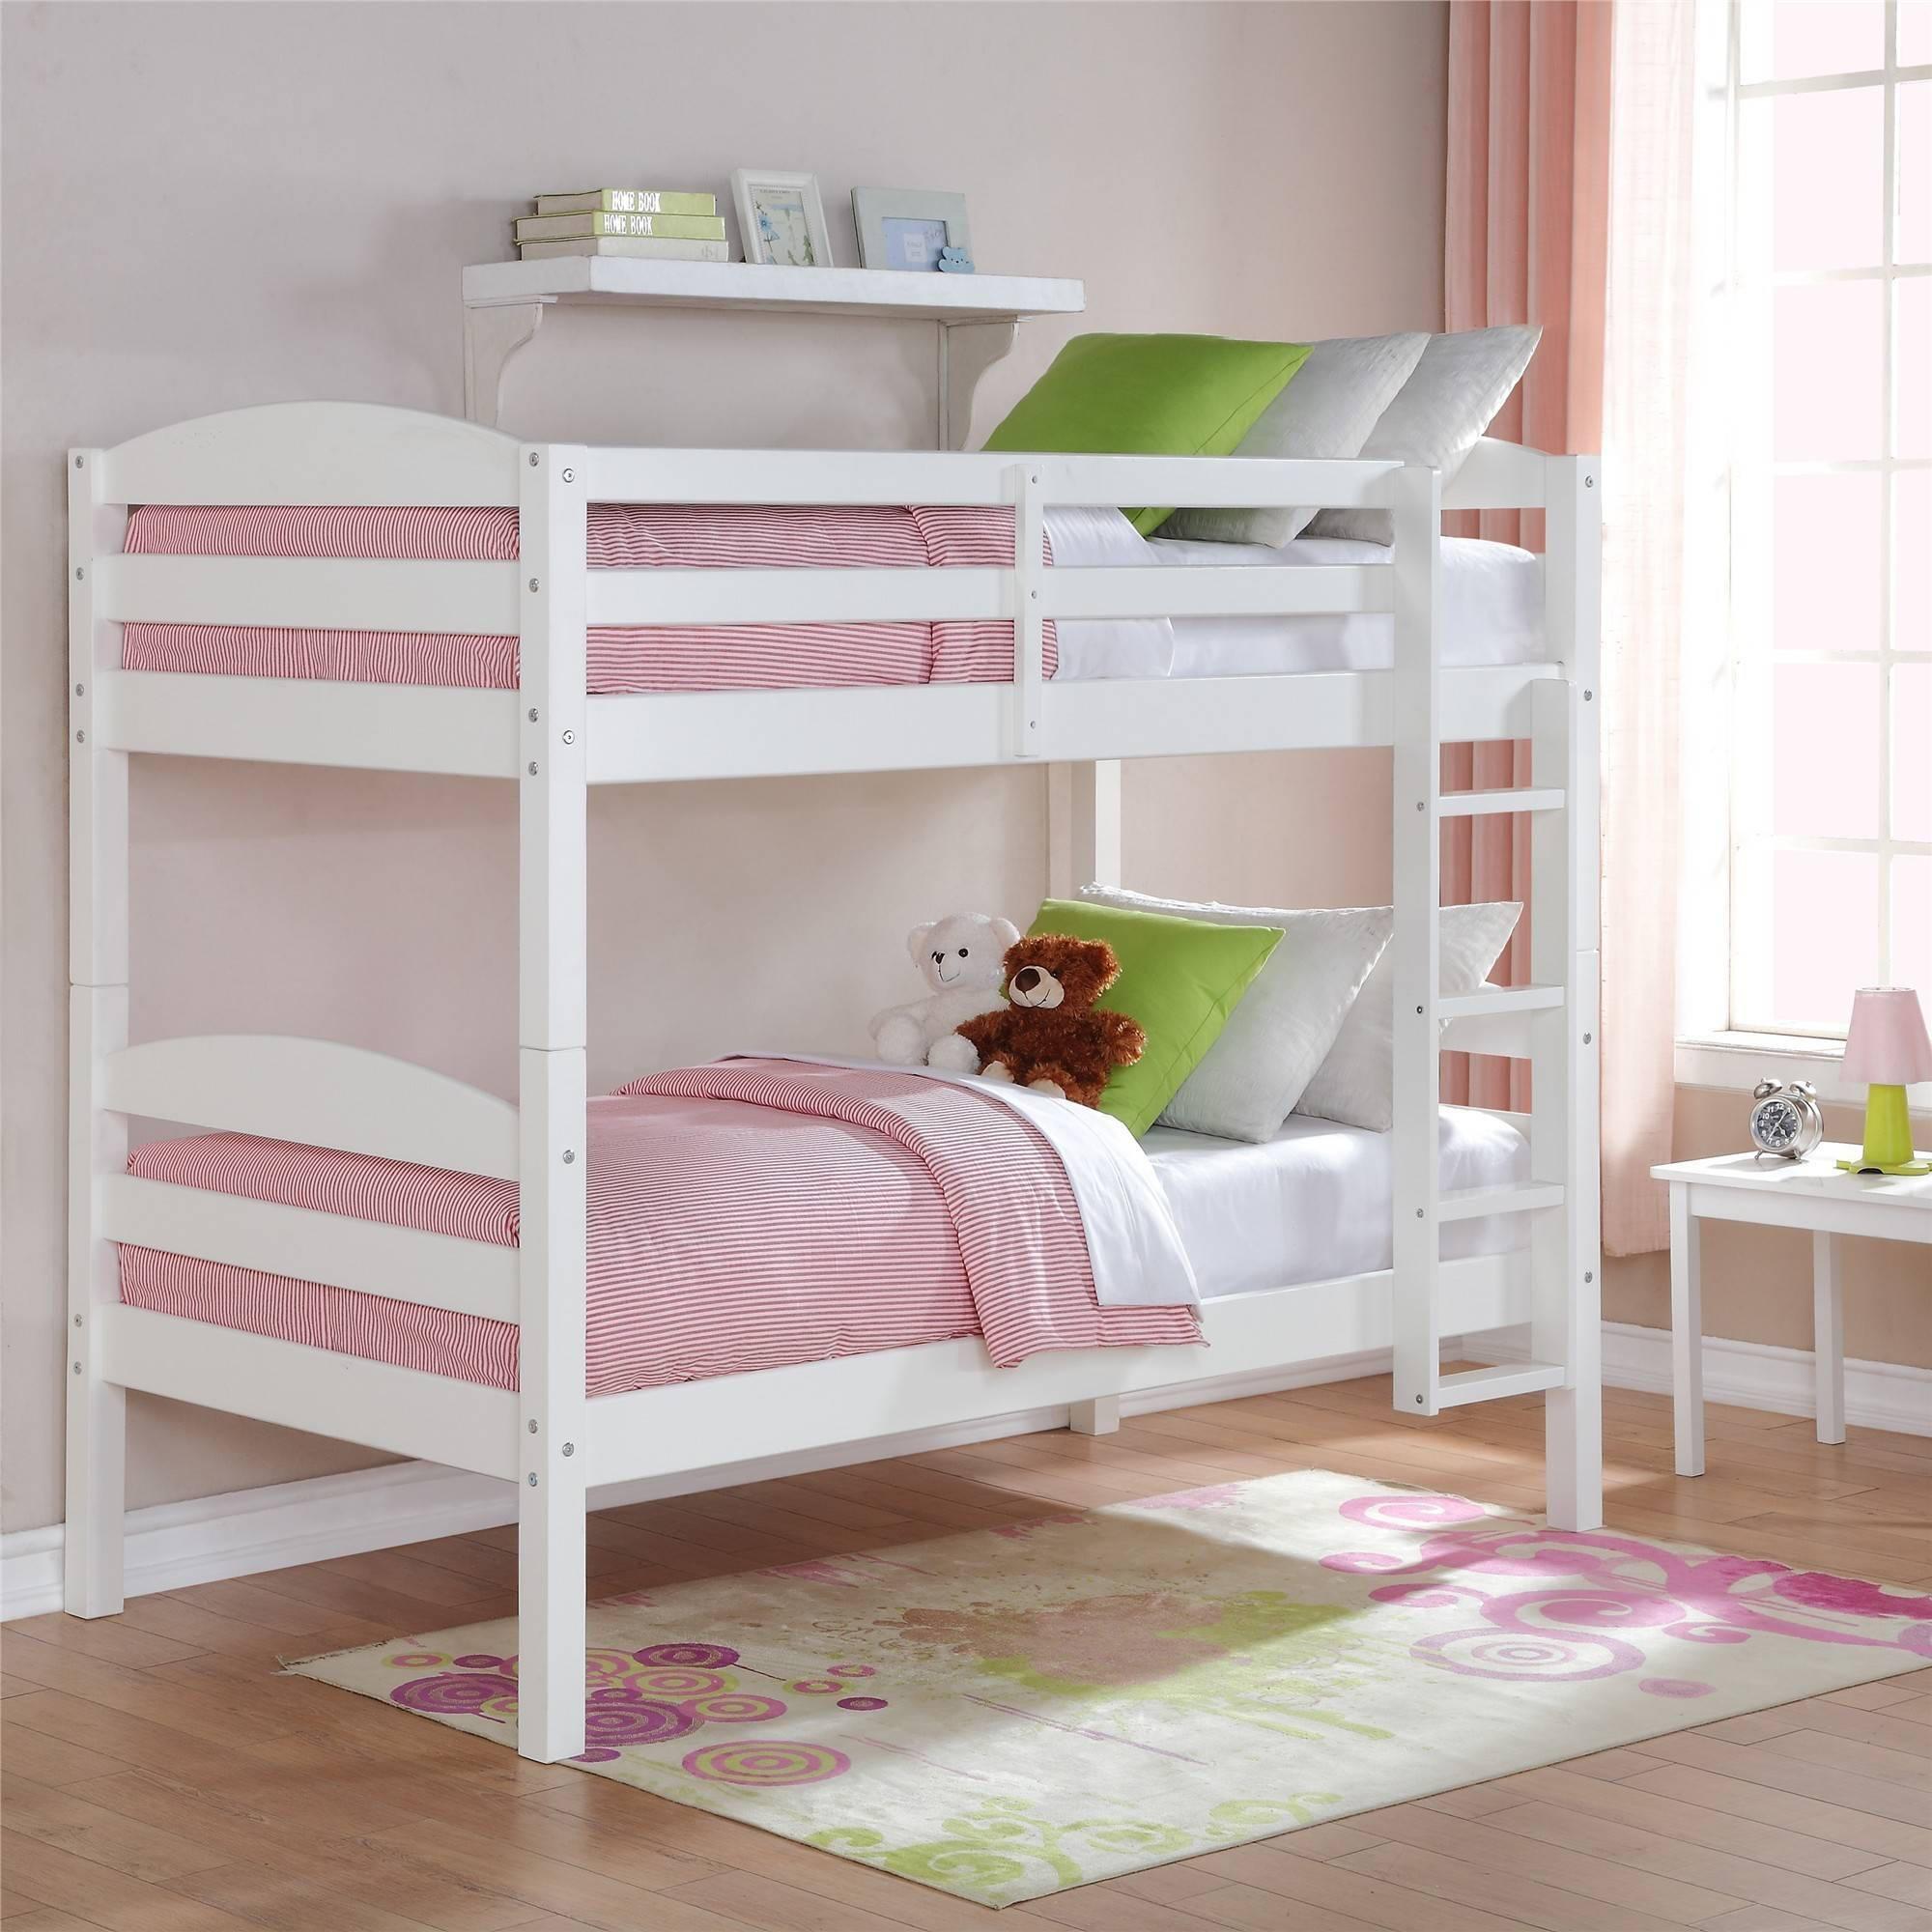 kids beds bunk beds KHNOYZT